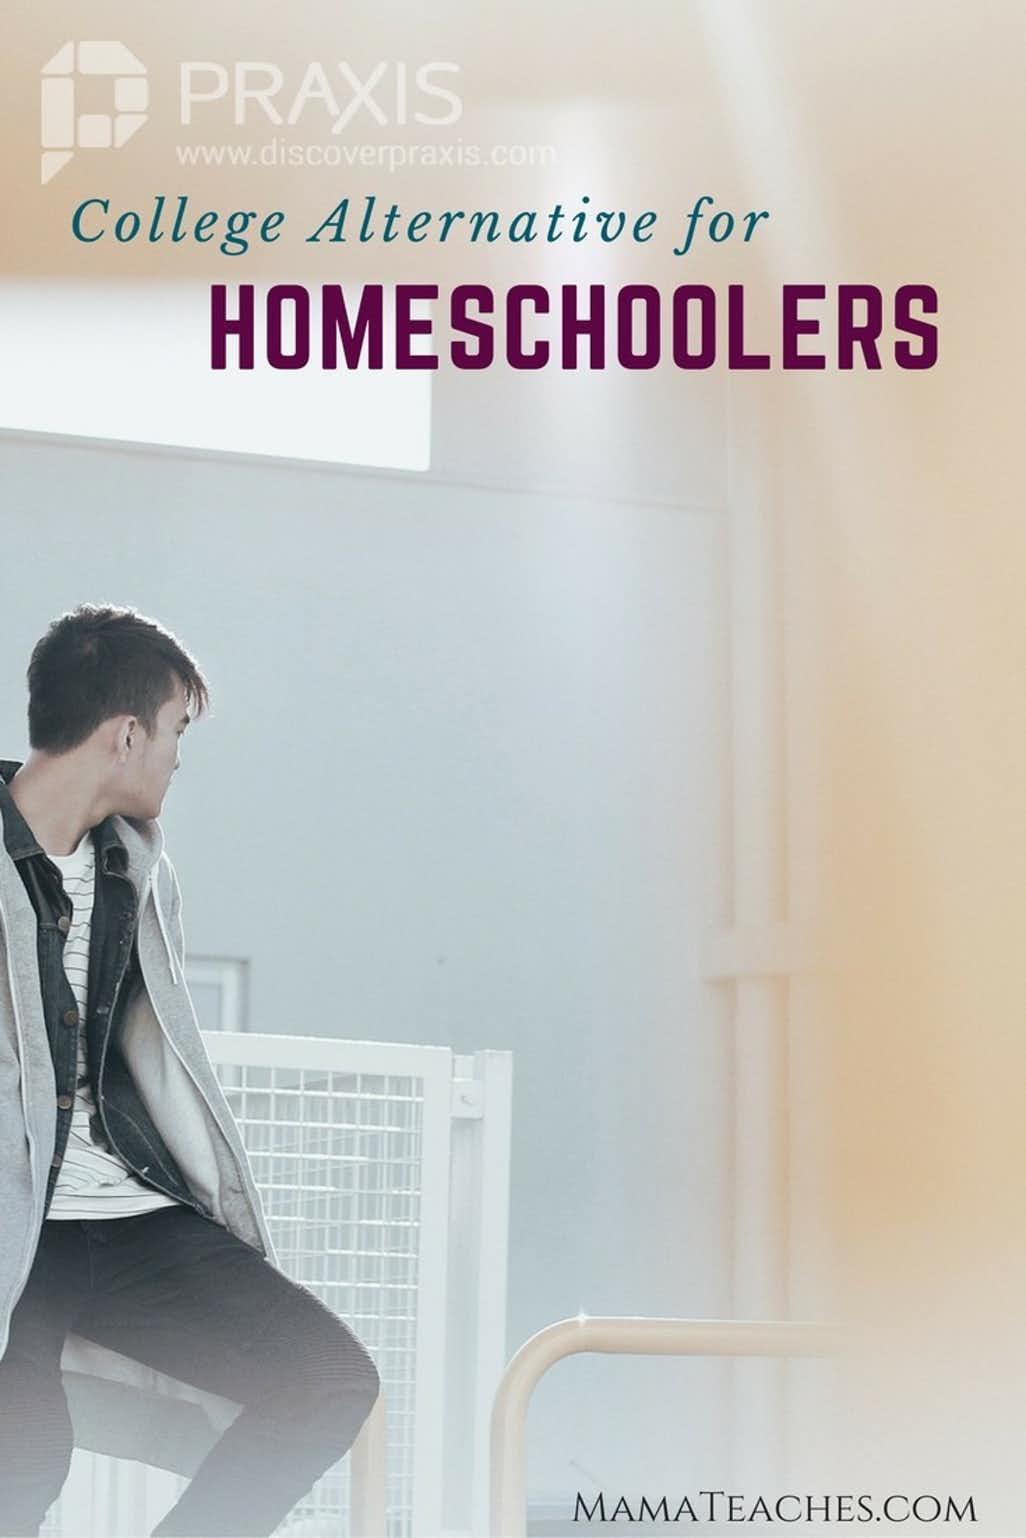 College Alternative for Homeschoolers